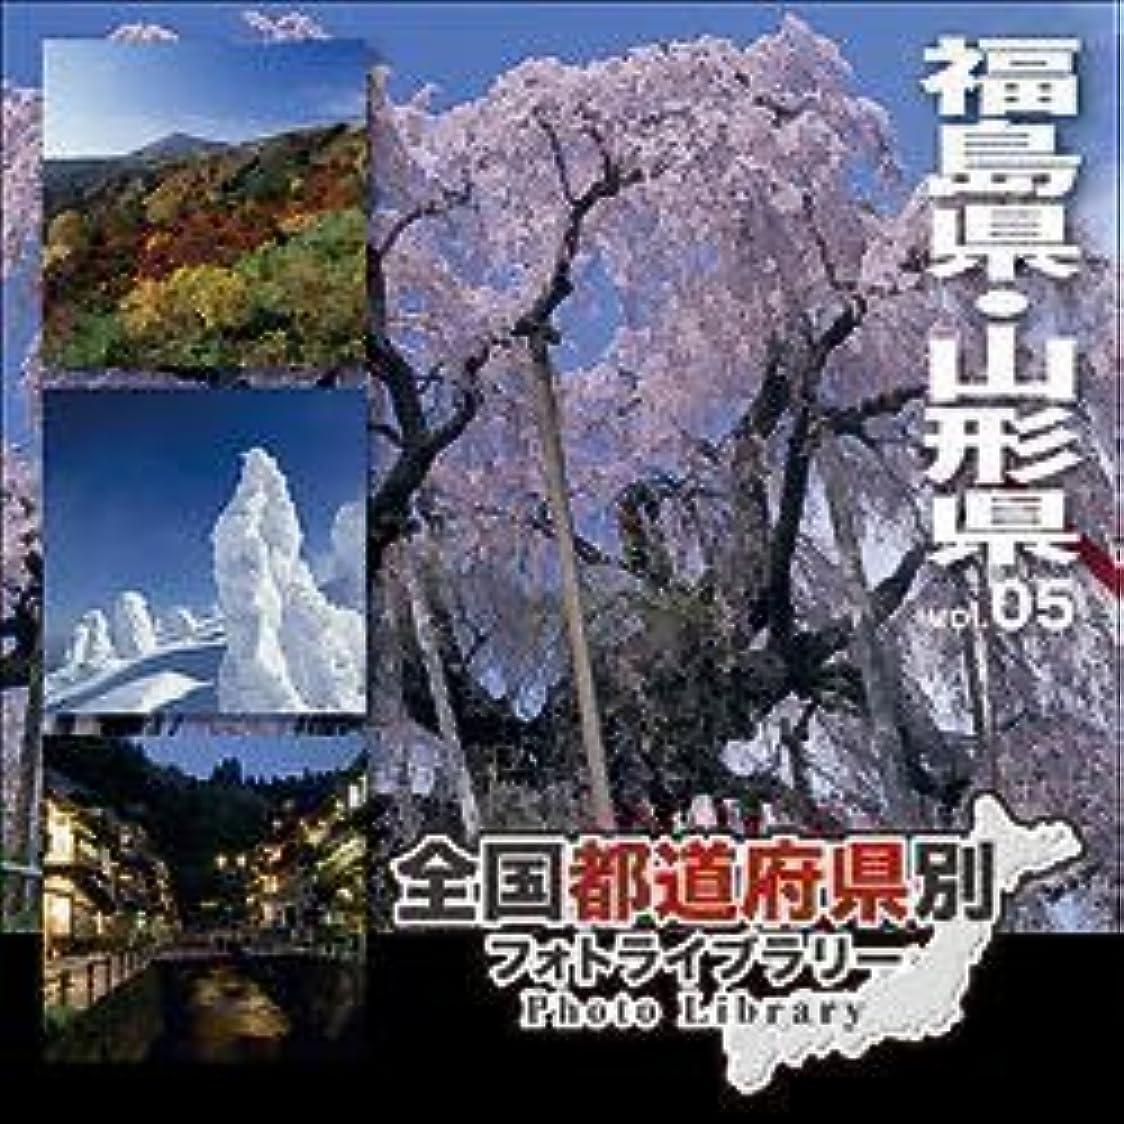 砲撃不可能な一次全国都道府県別フォトライブラリー Vol.05 福島?山形県